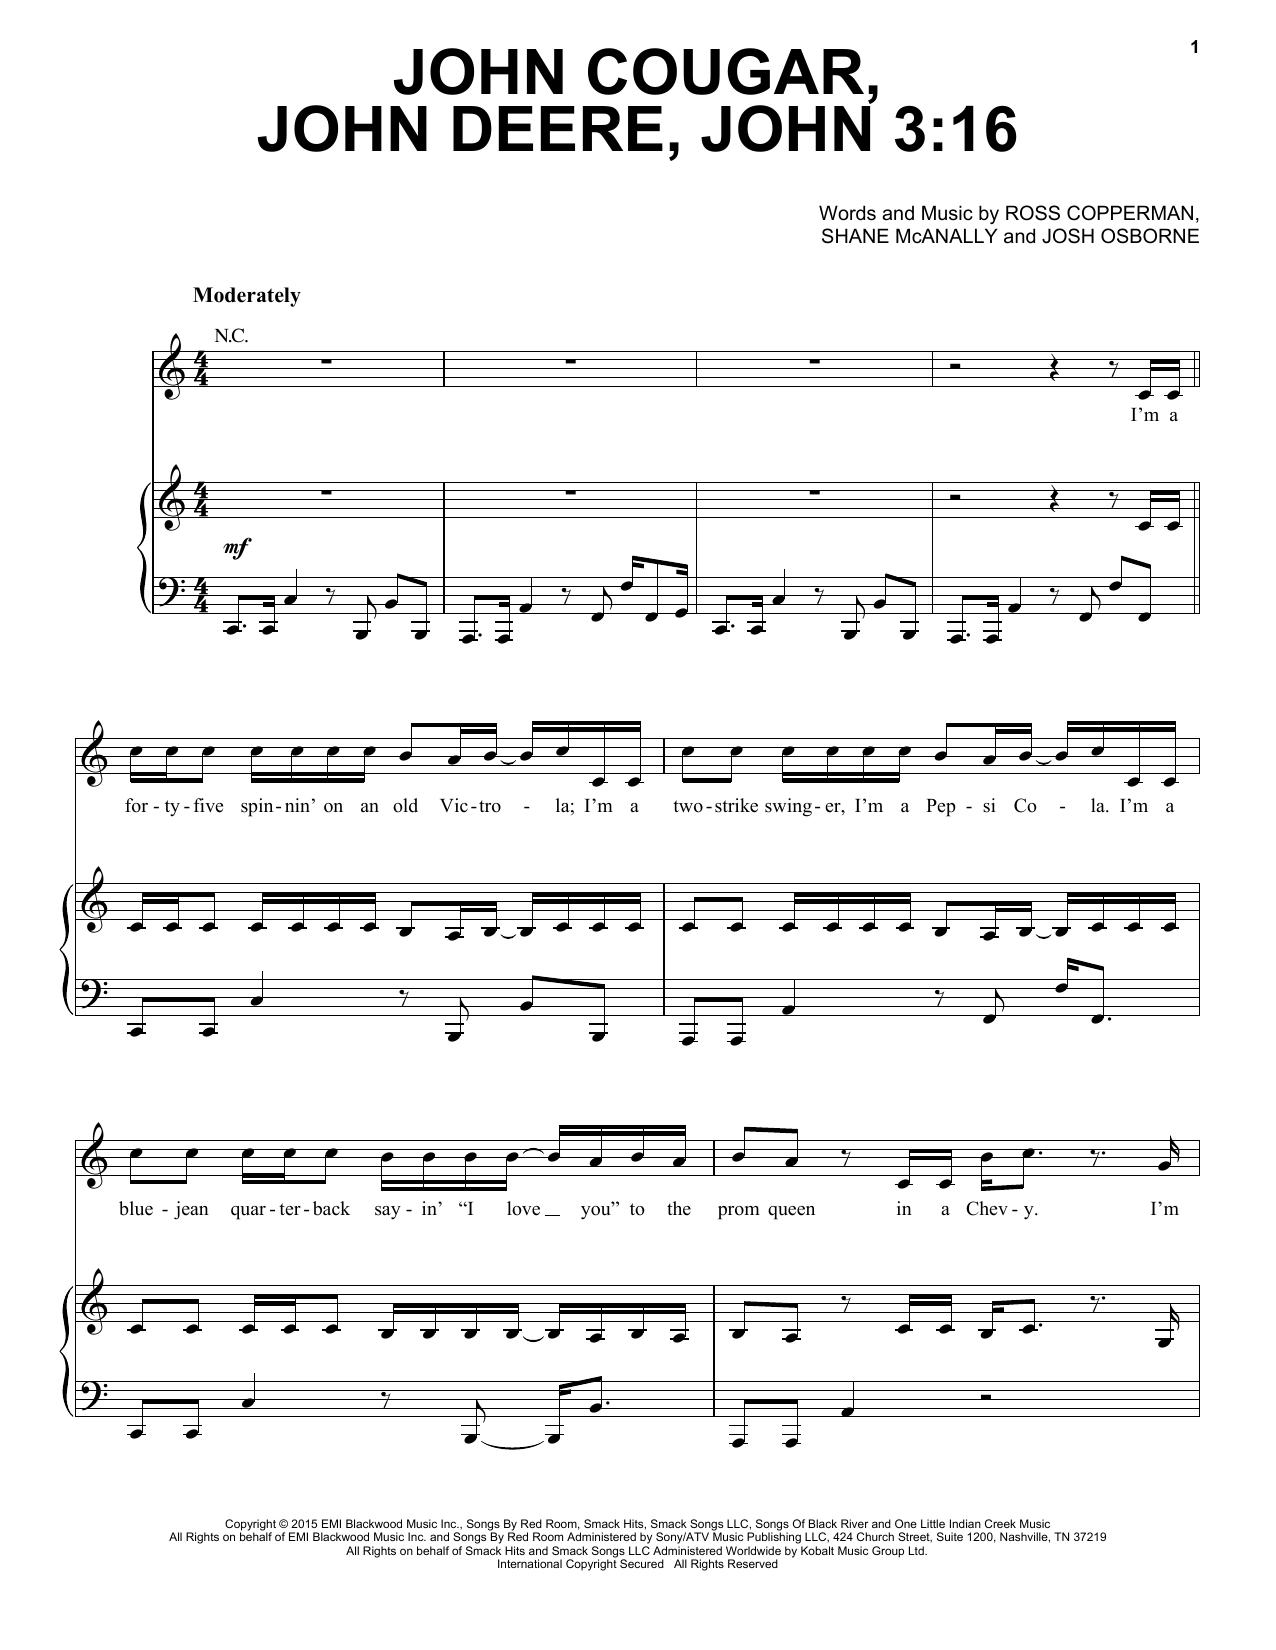 Keith Urban John Cougar John Deere John 316 Sheet Music Notes